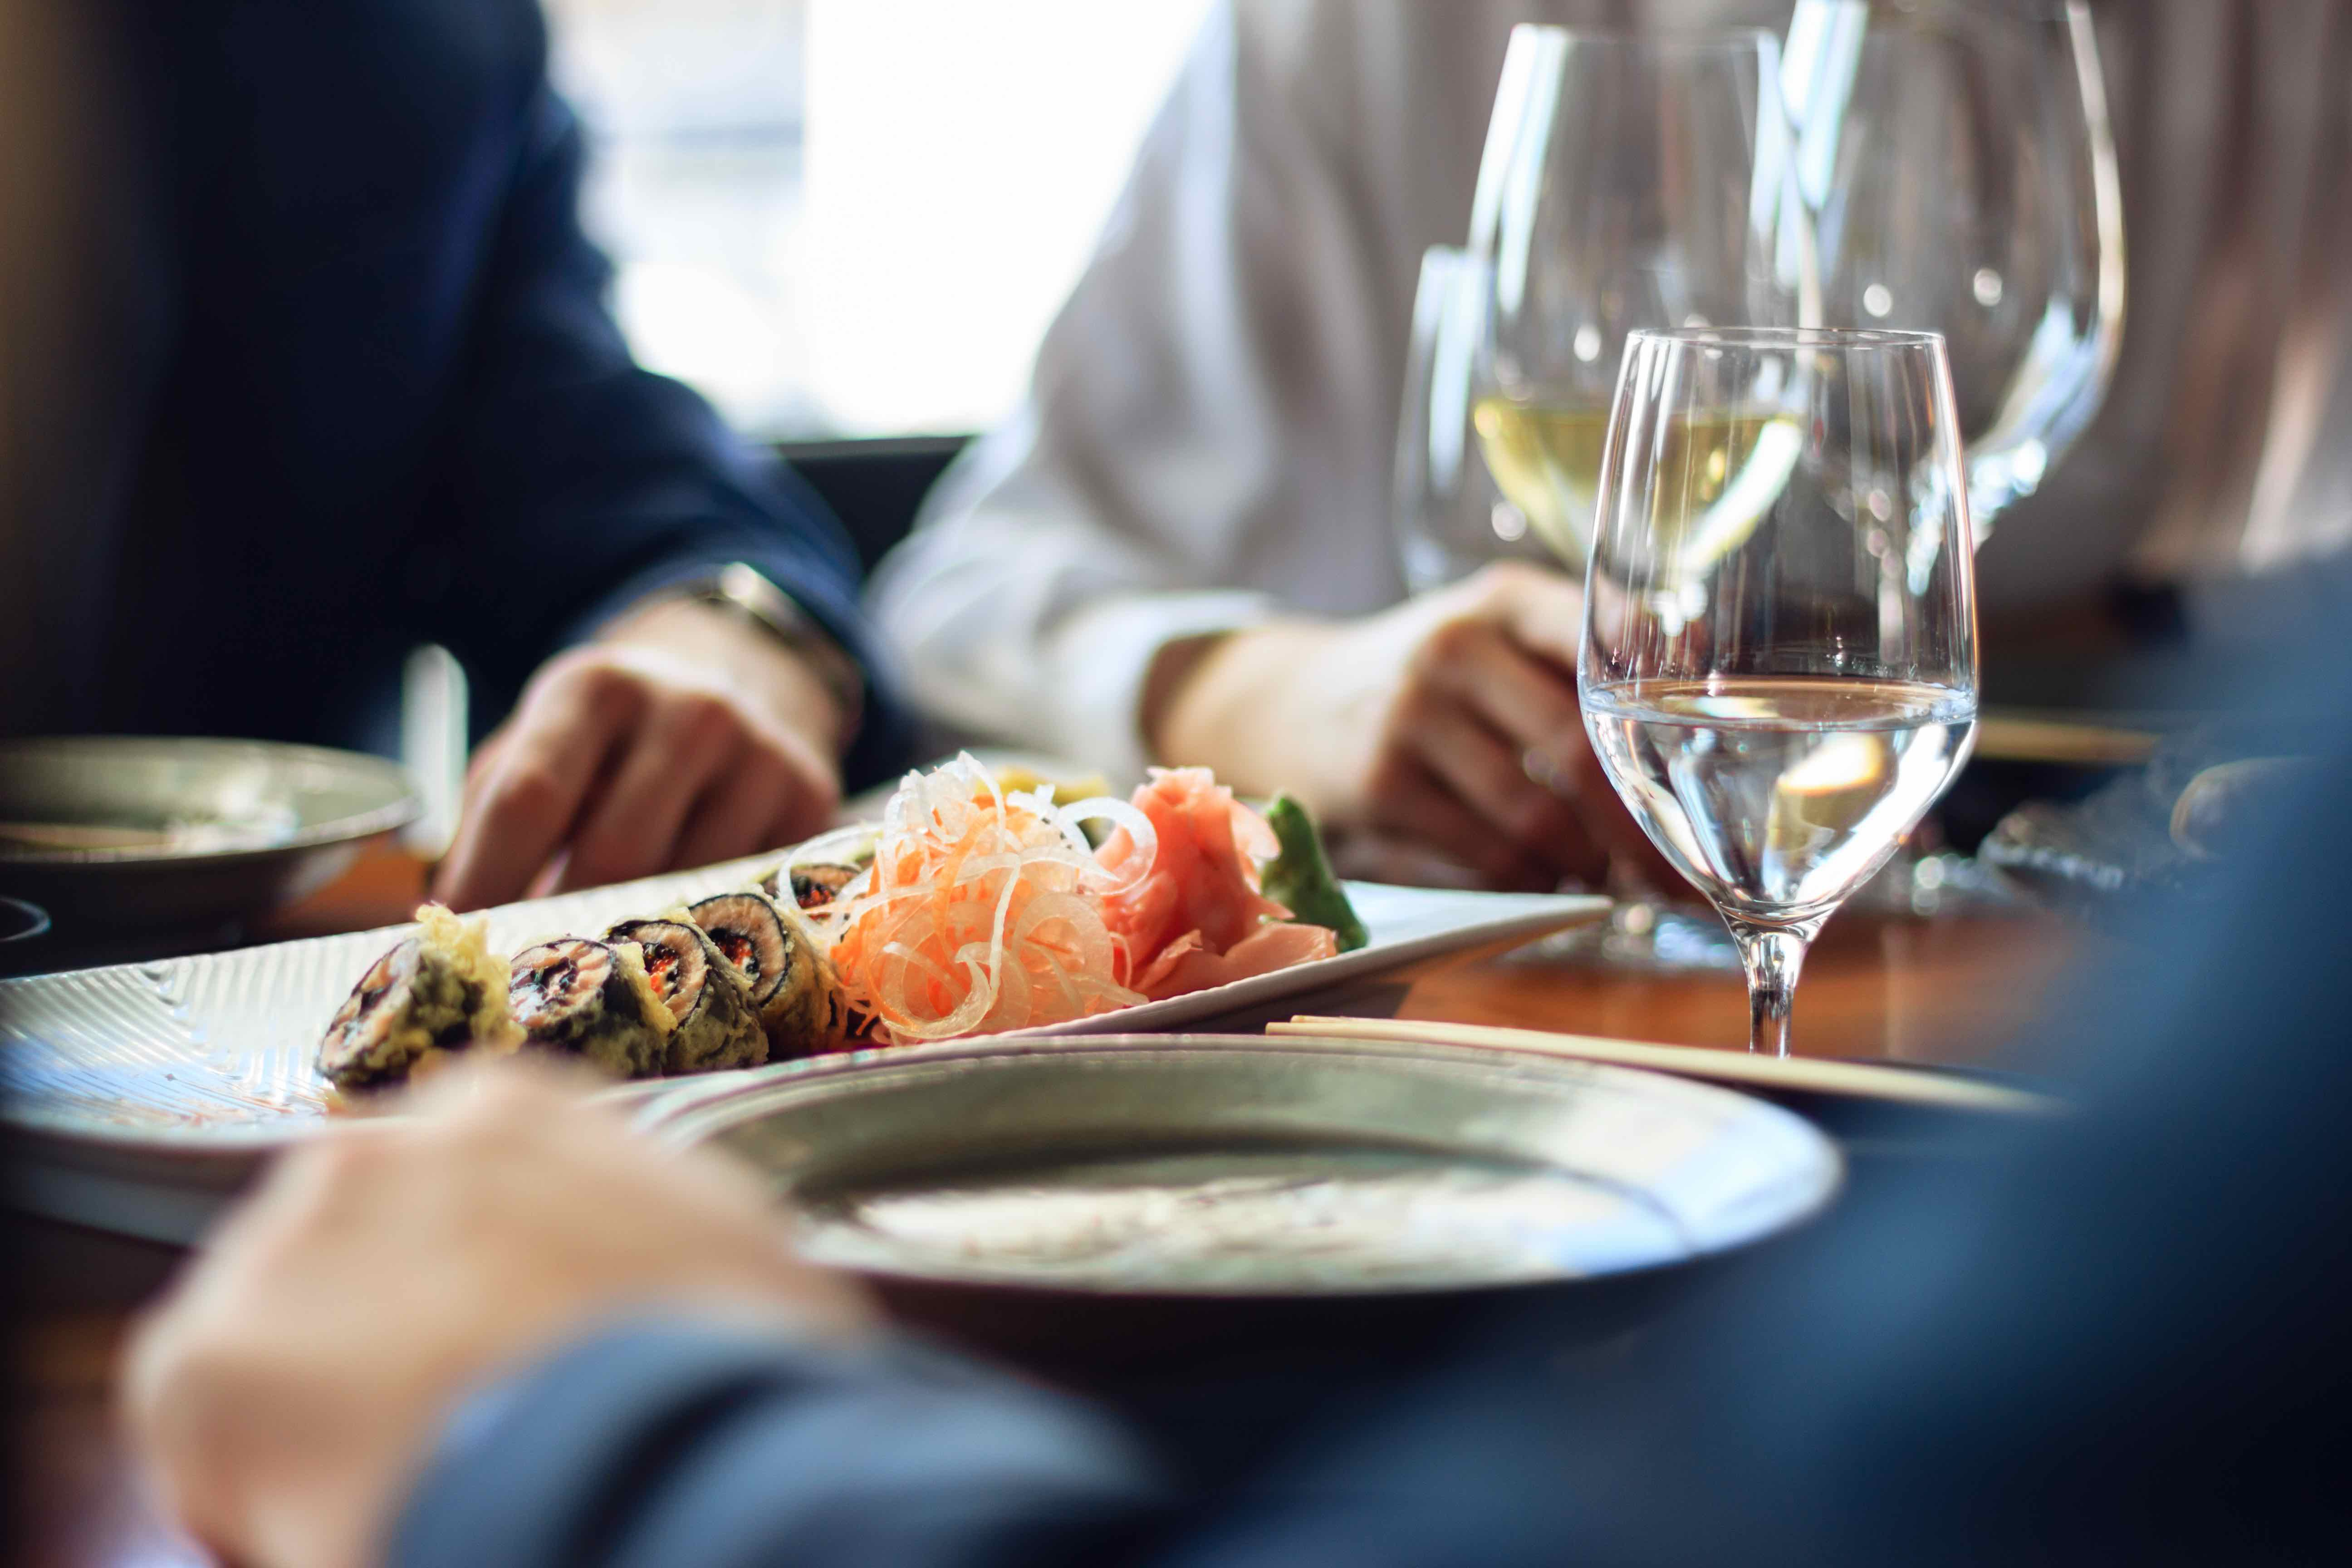 Gedeckter Tisch mit Wasser- und Weißweingläsern sowie weißer Sushi-Platte in der Mitte. Drei Personen sitzen am Tisch.